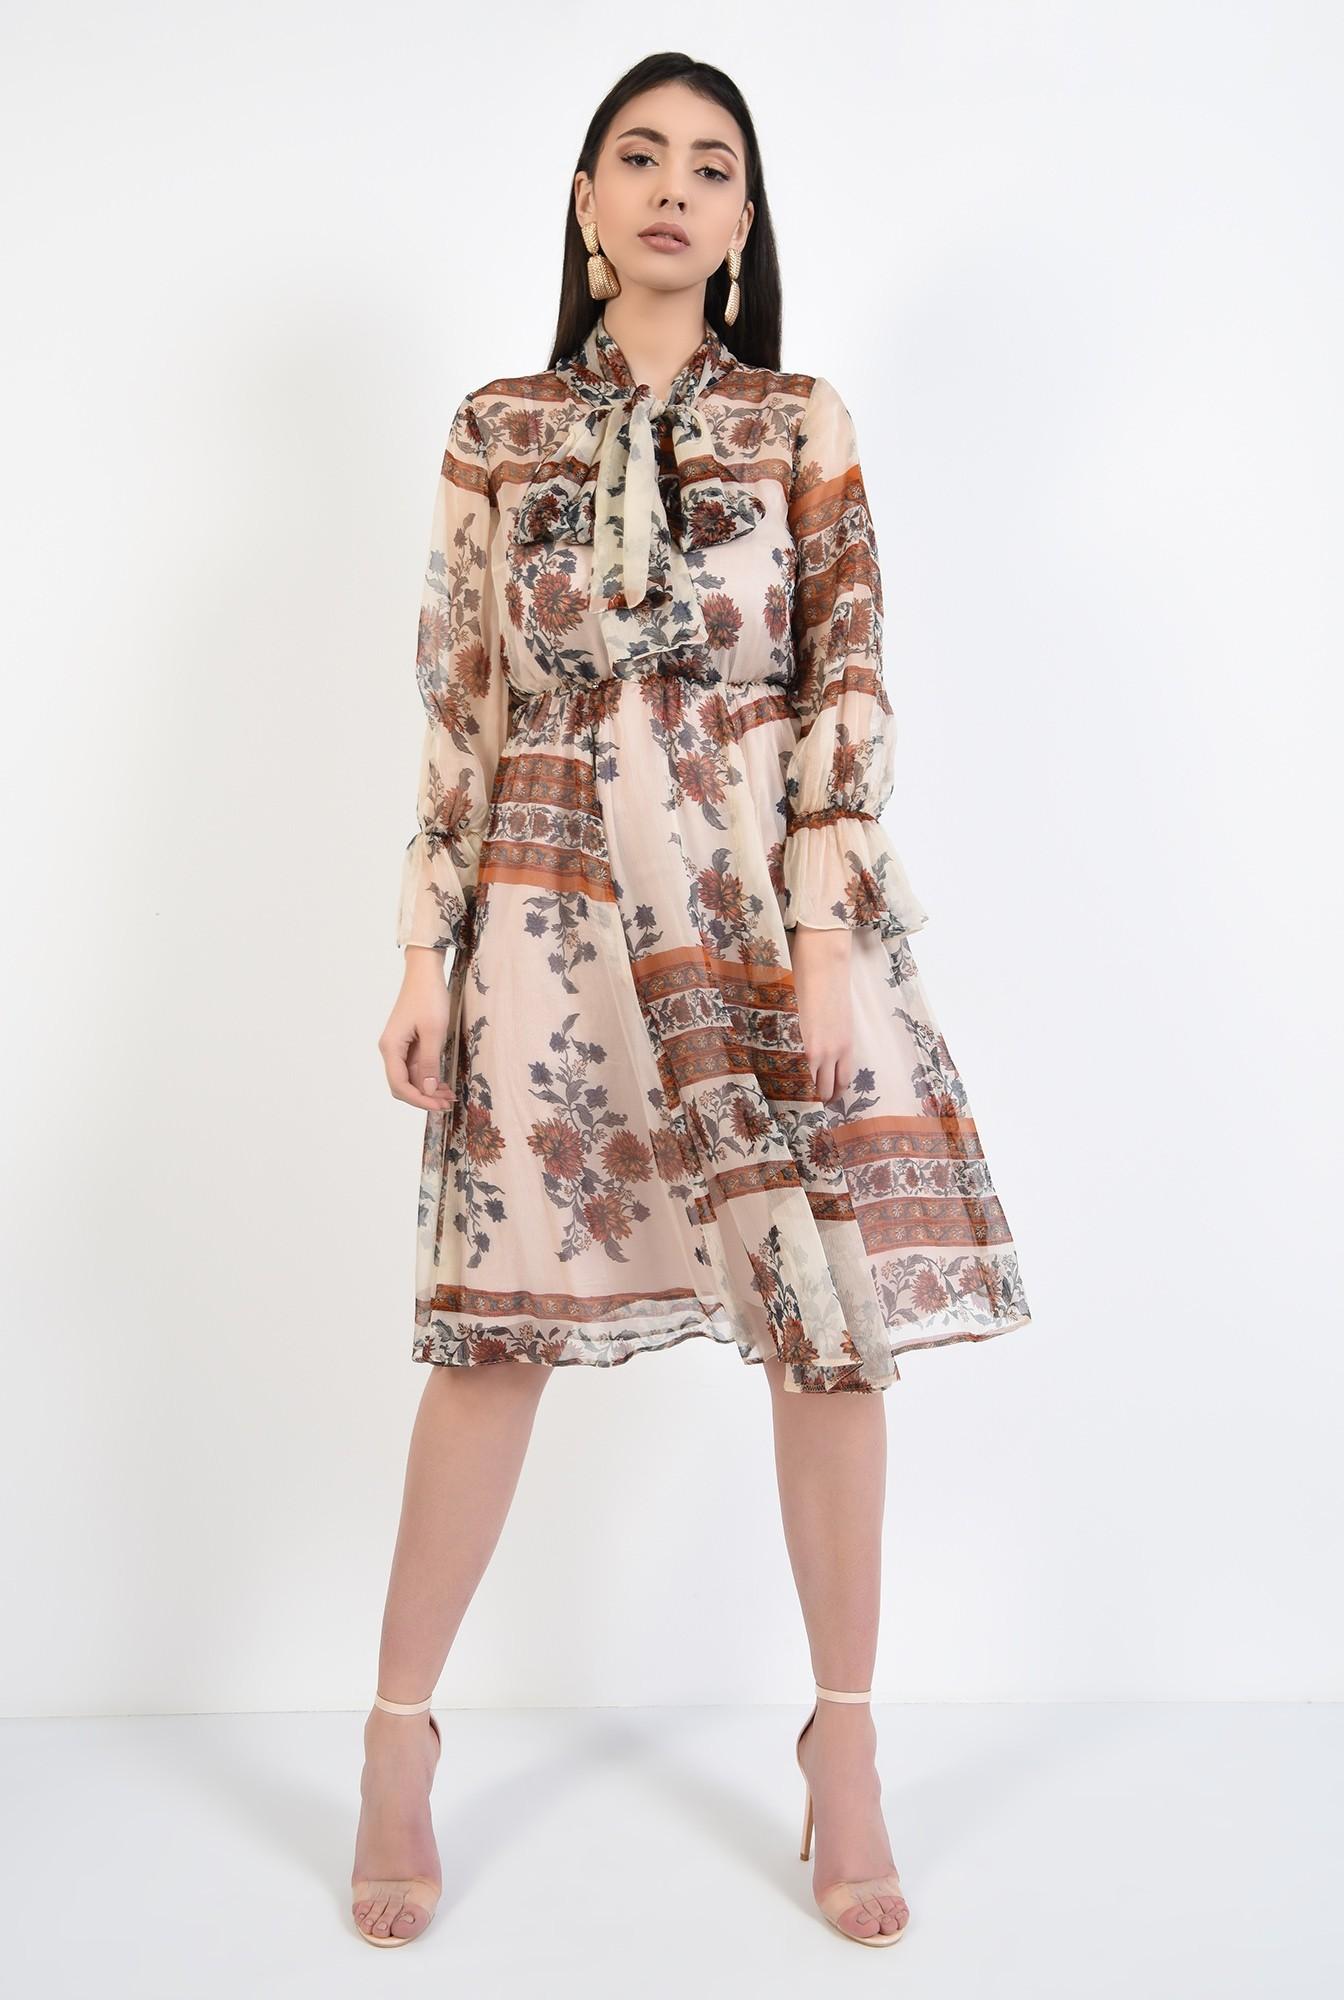 3 - rochie din matase, imprimata, cu funda, maneci cu volan